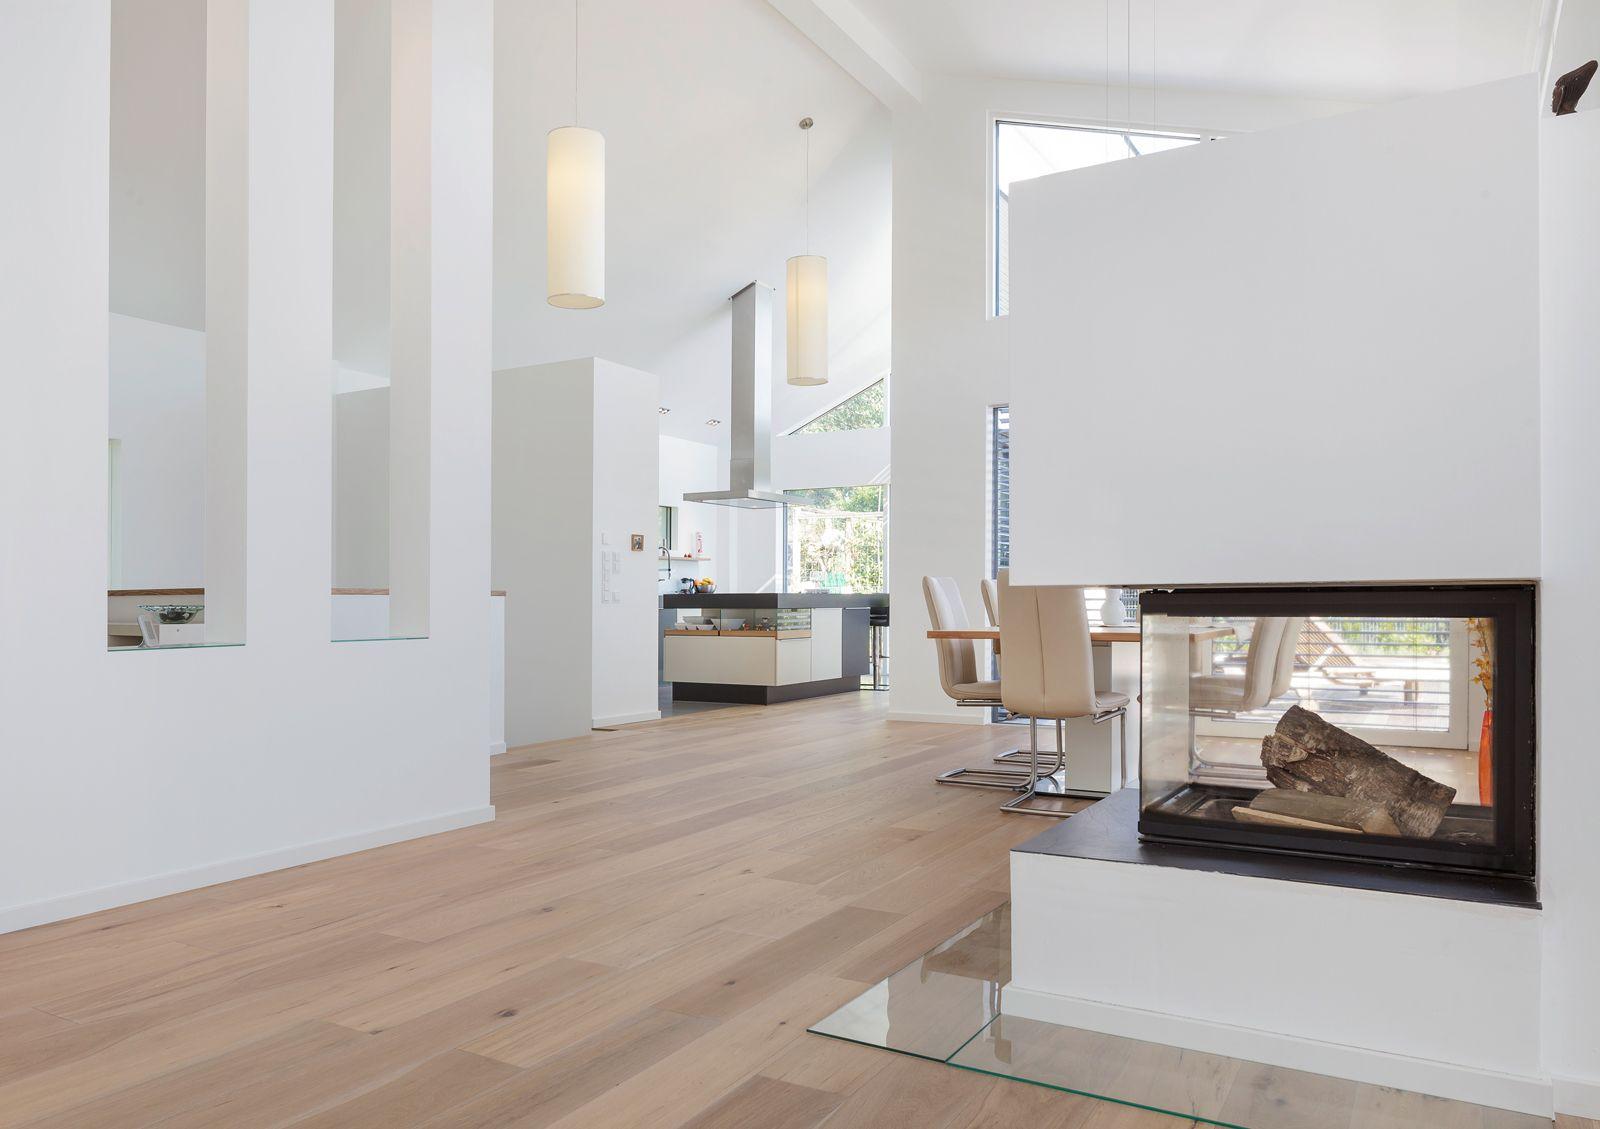 Wohnzimmer des modernen interieurs des hauses ein sehr modern in weiß gehaltenes haus mit einem etwas